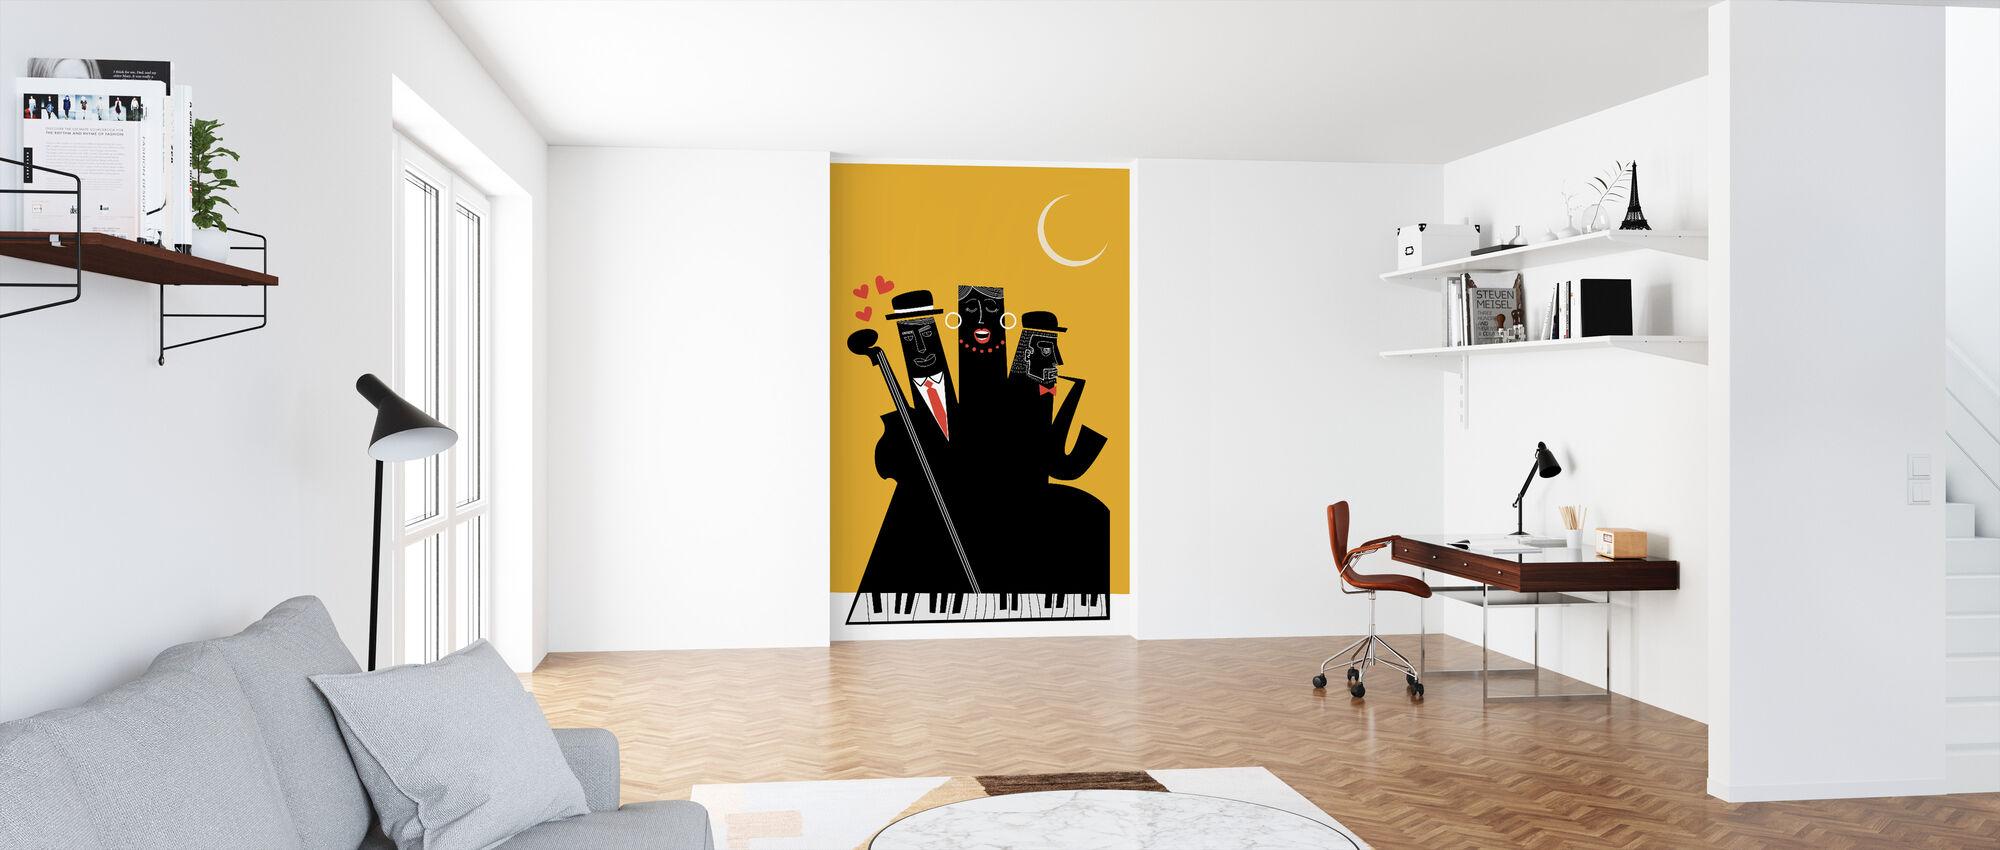 jazzy netter - Tapet - Kontor